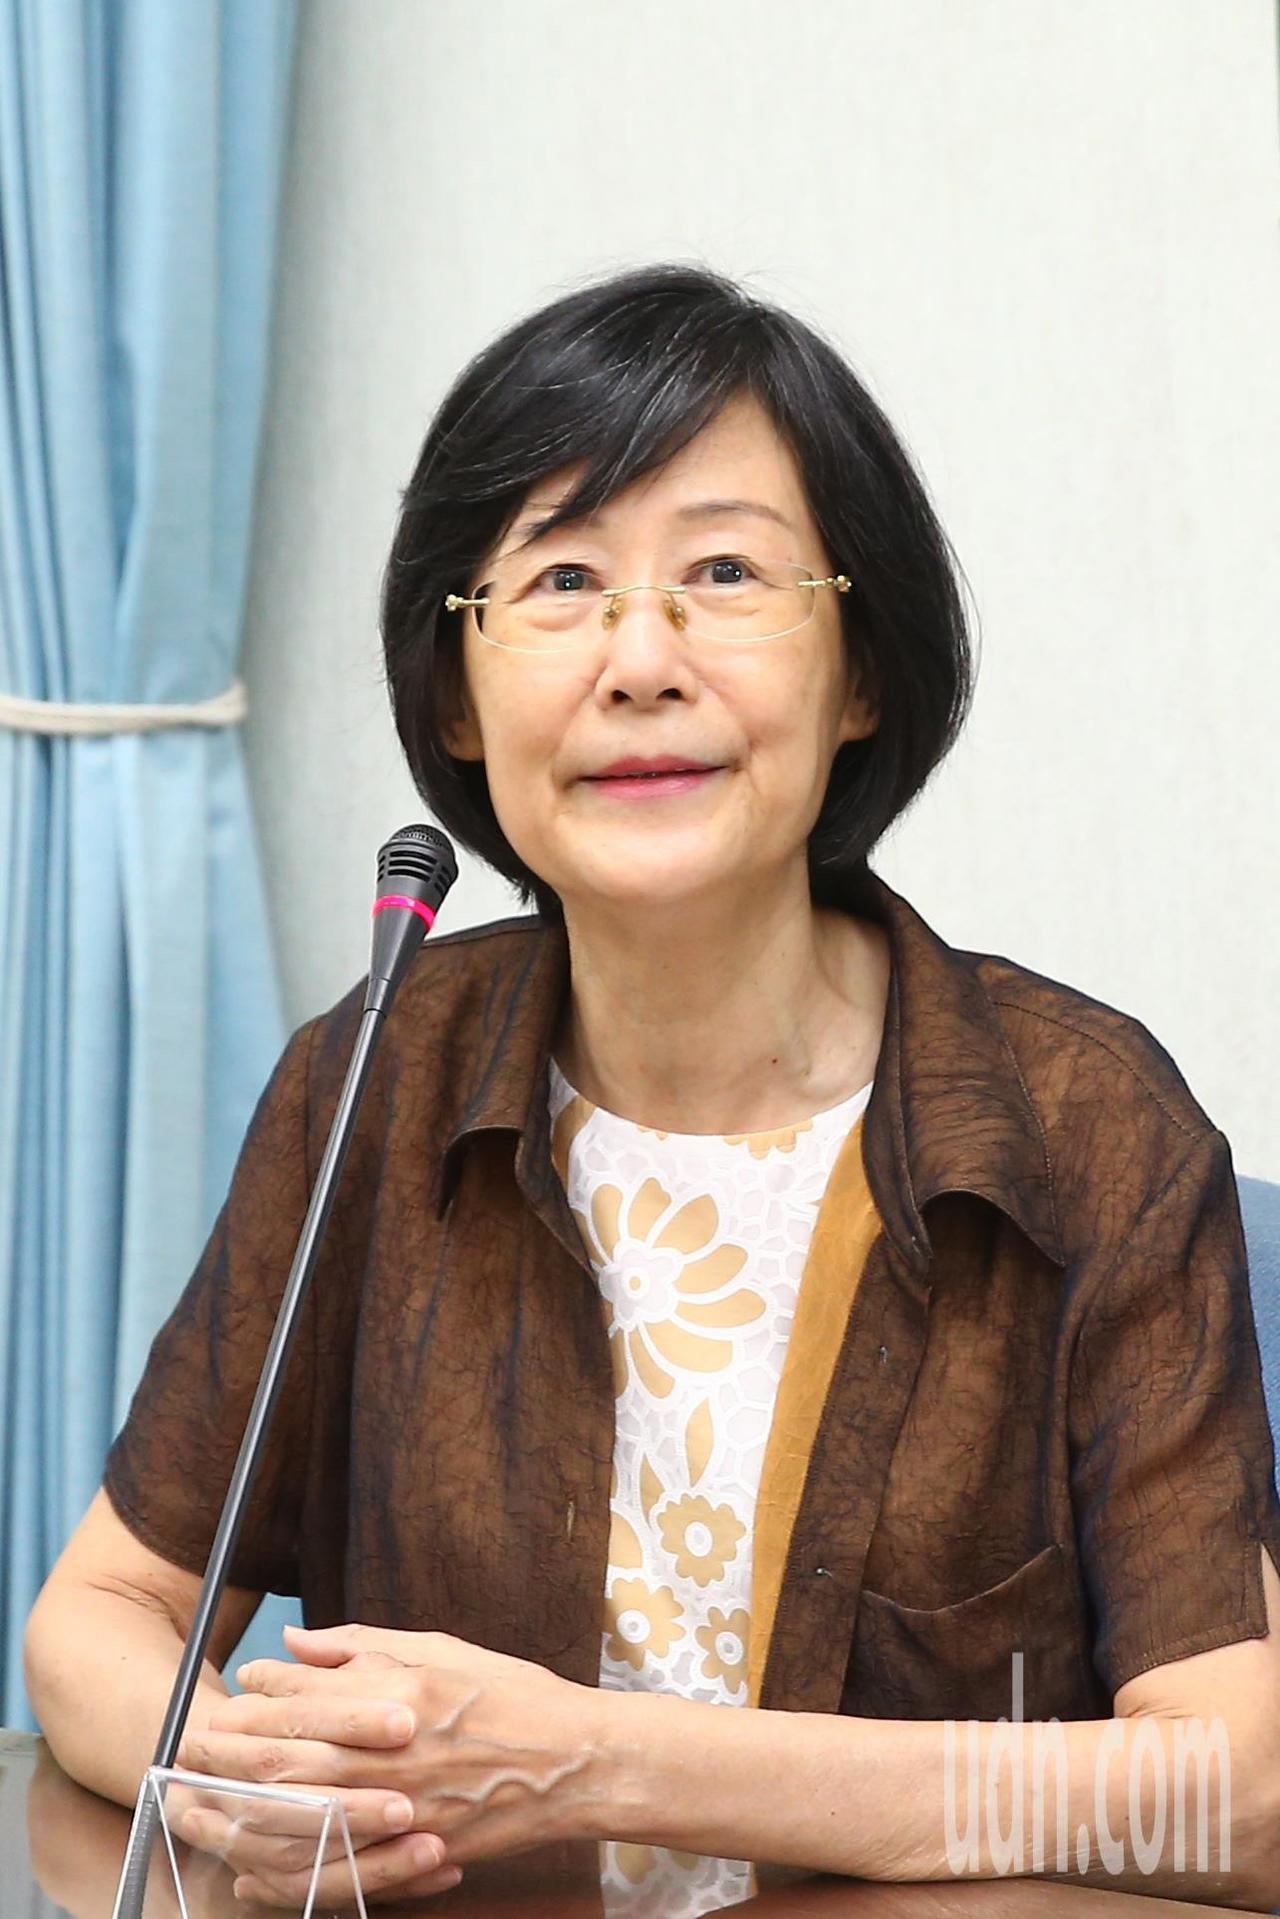 法務部前部長羅瑩雪上午被問到對蔡政府日前執行死刑的看法,她說這次的執行有點怪怪的...